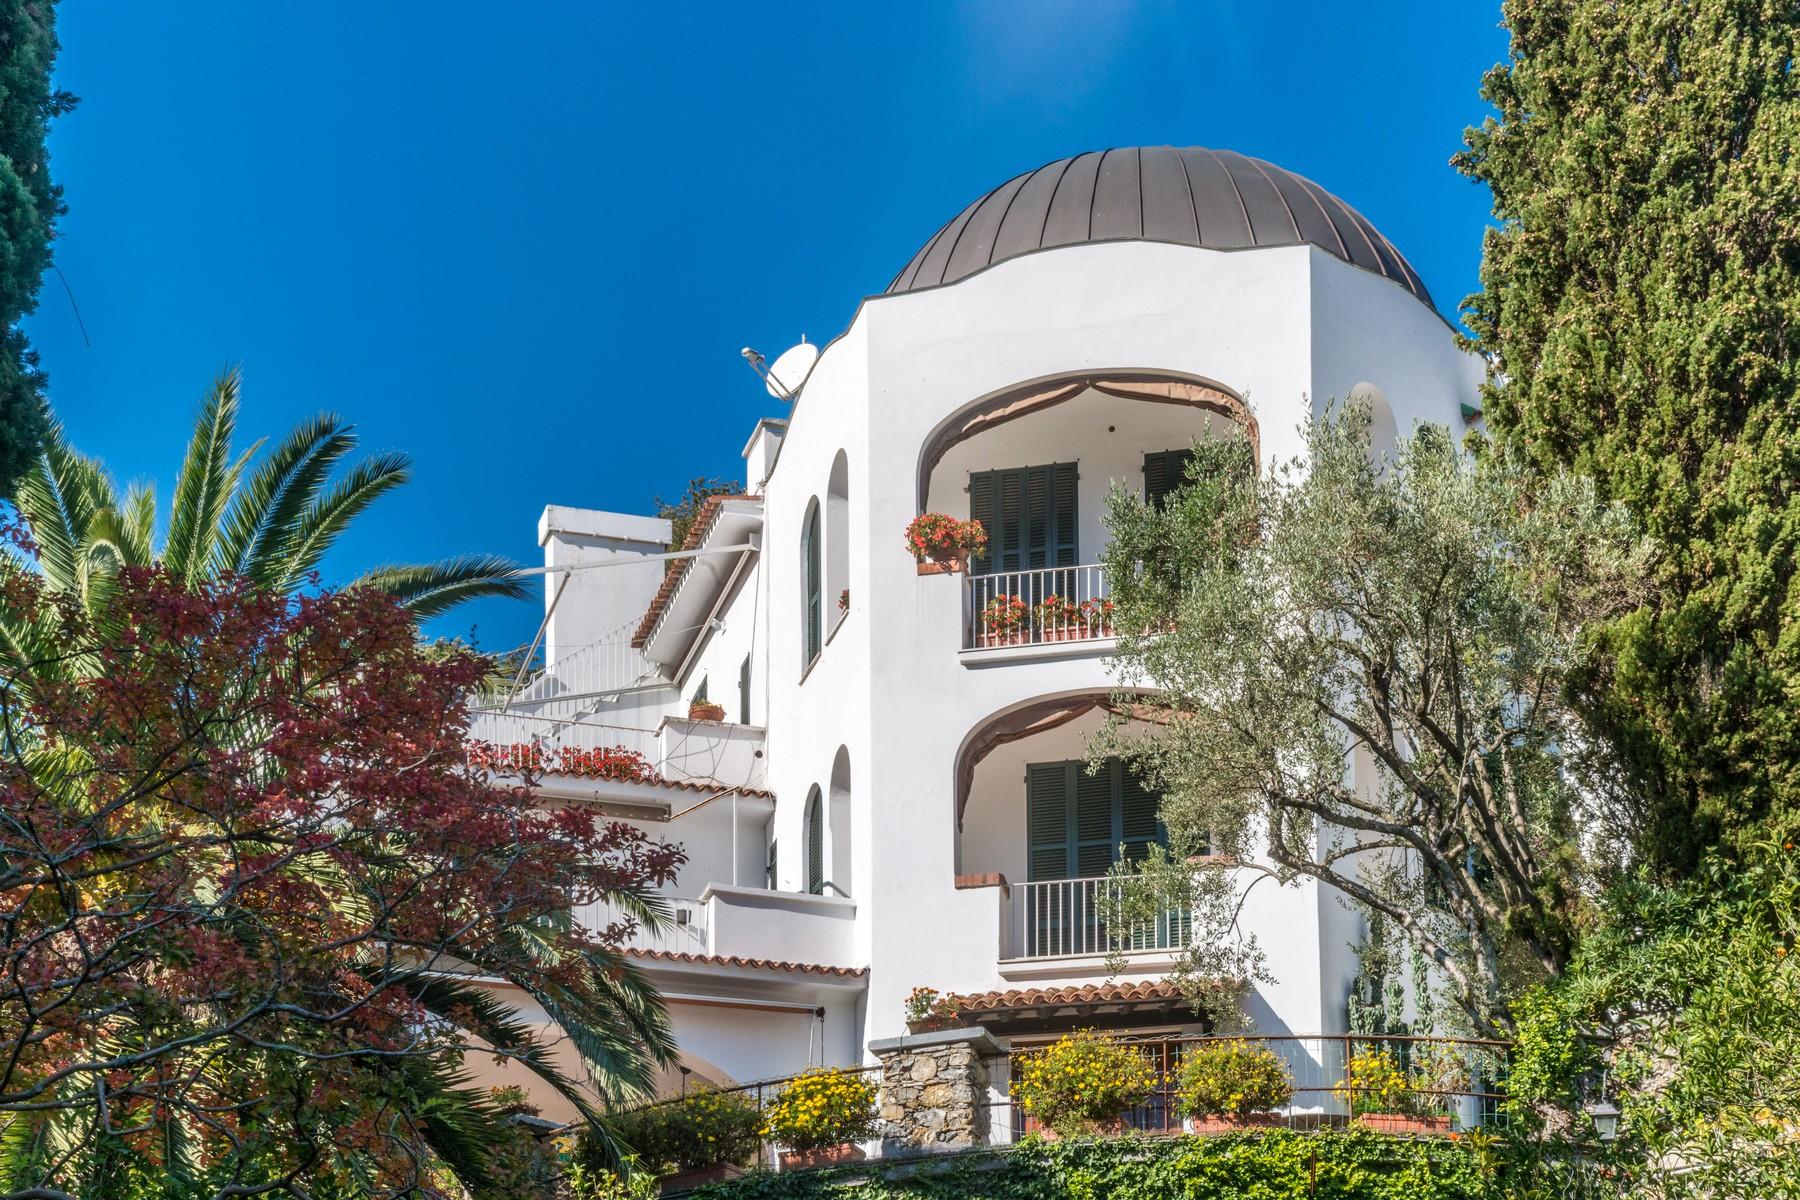 Appartamento in Vendita a Santa Margherita Ligure: 5 locali, 230 mq - Foto 3